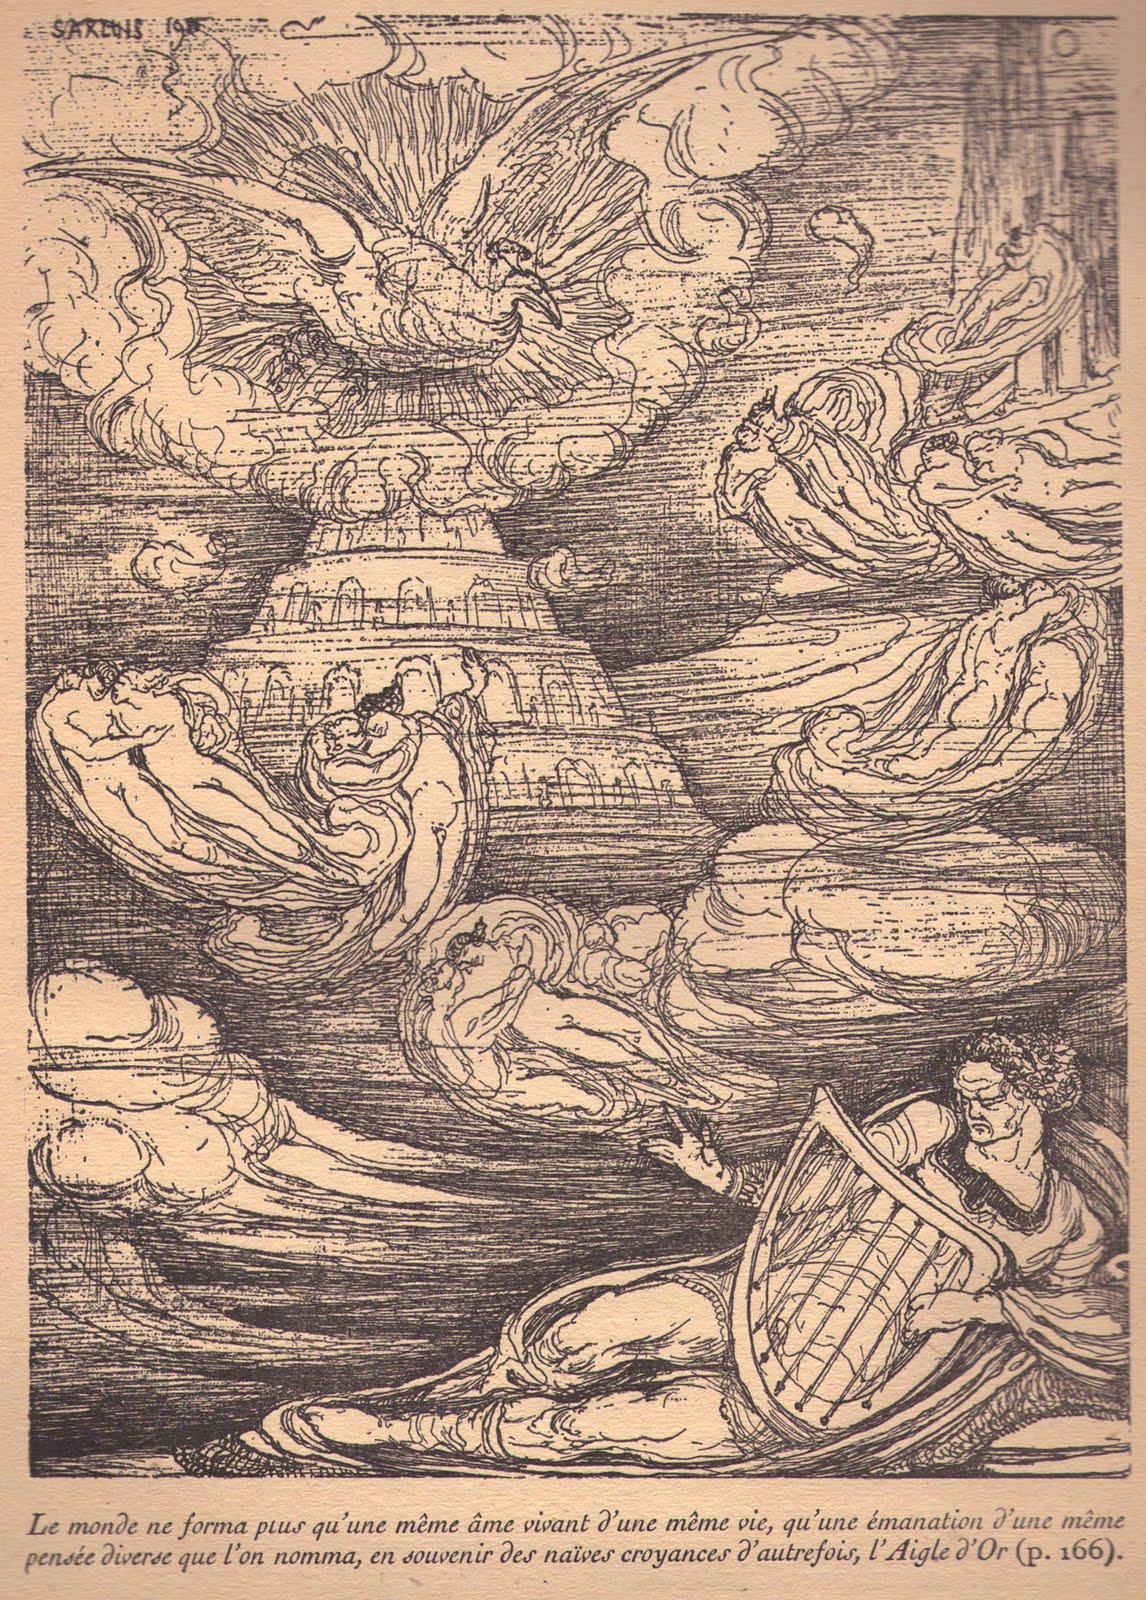 Voyage Au Pays Des Vivants : voyage, vivants, File:Illustration, Livre, Voyage, D'une, Dimension.jpg, Wikimedia, Commons